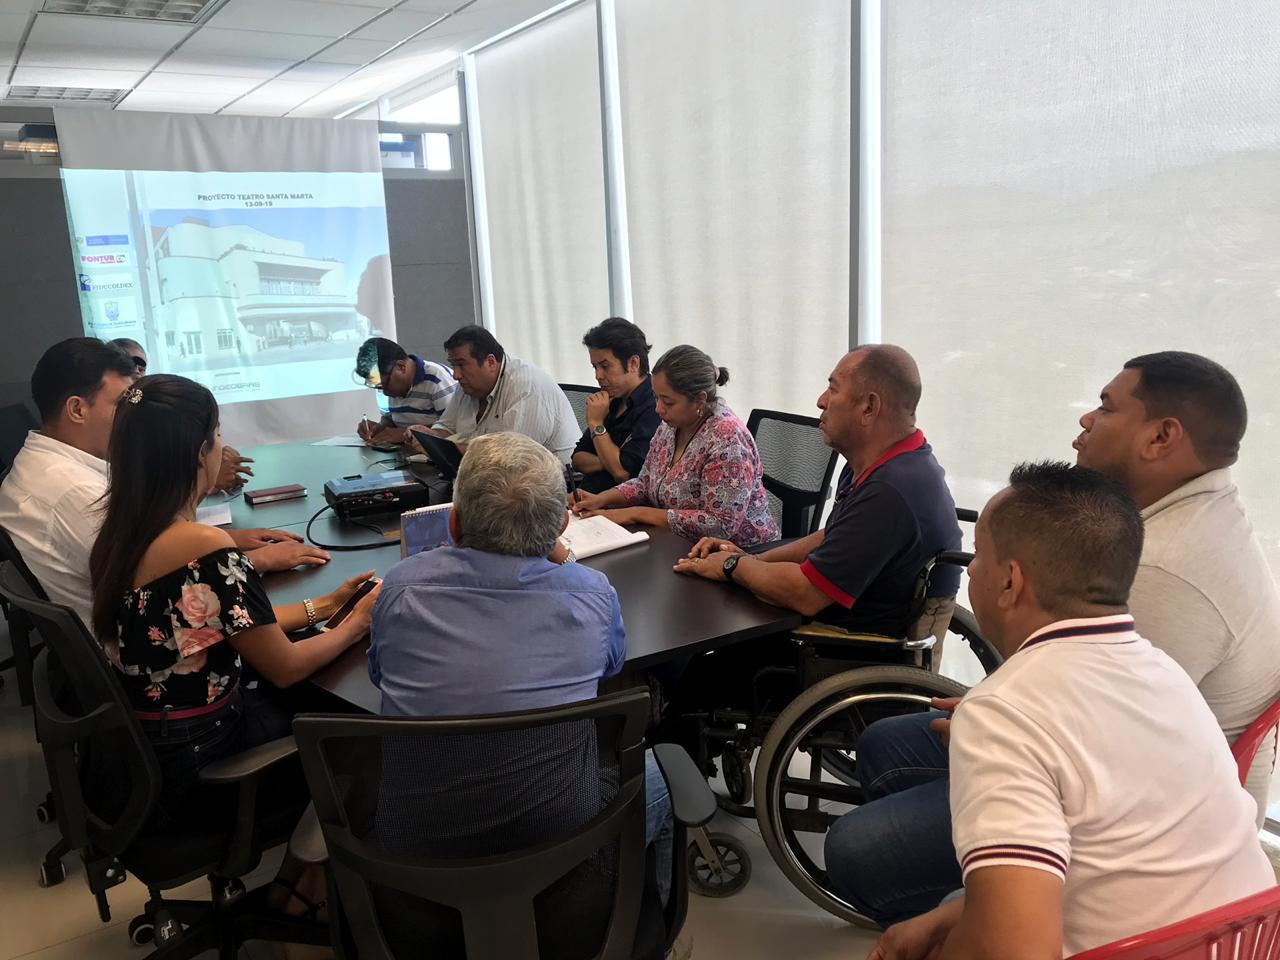 Vendedores informales  de los alrededores del Teatro Santa Marta serán reubicados transitoriamente